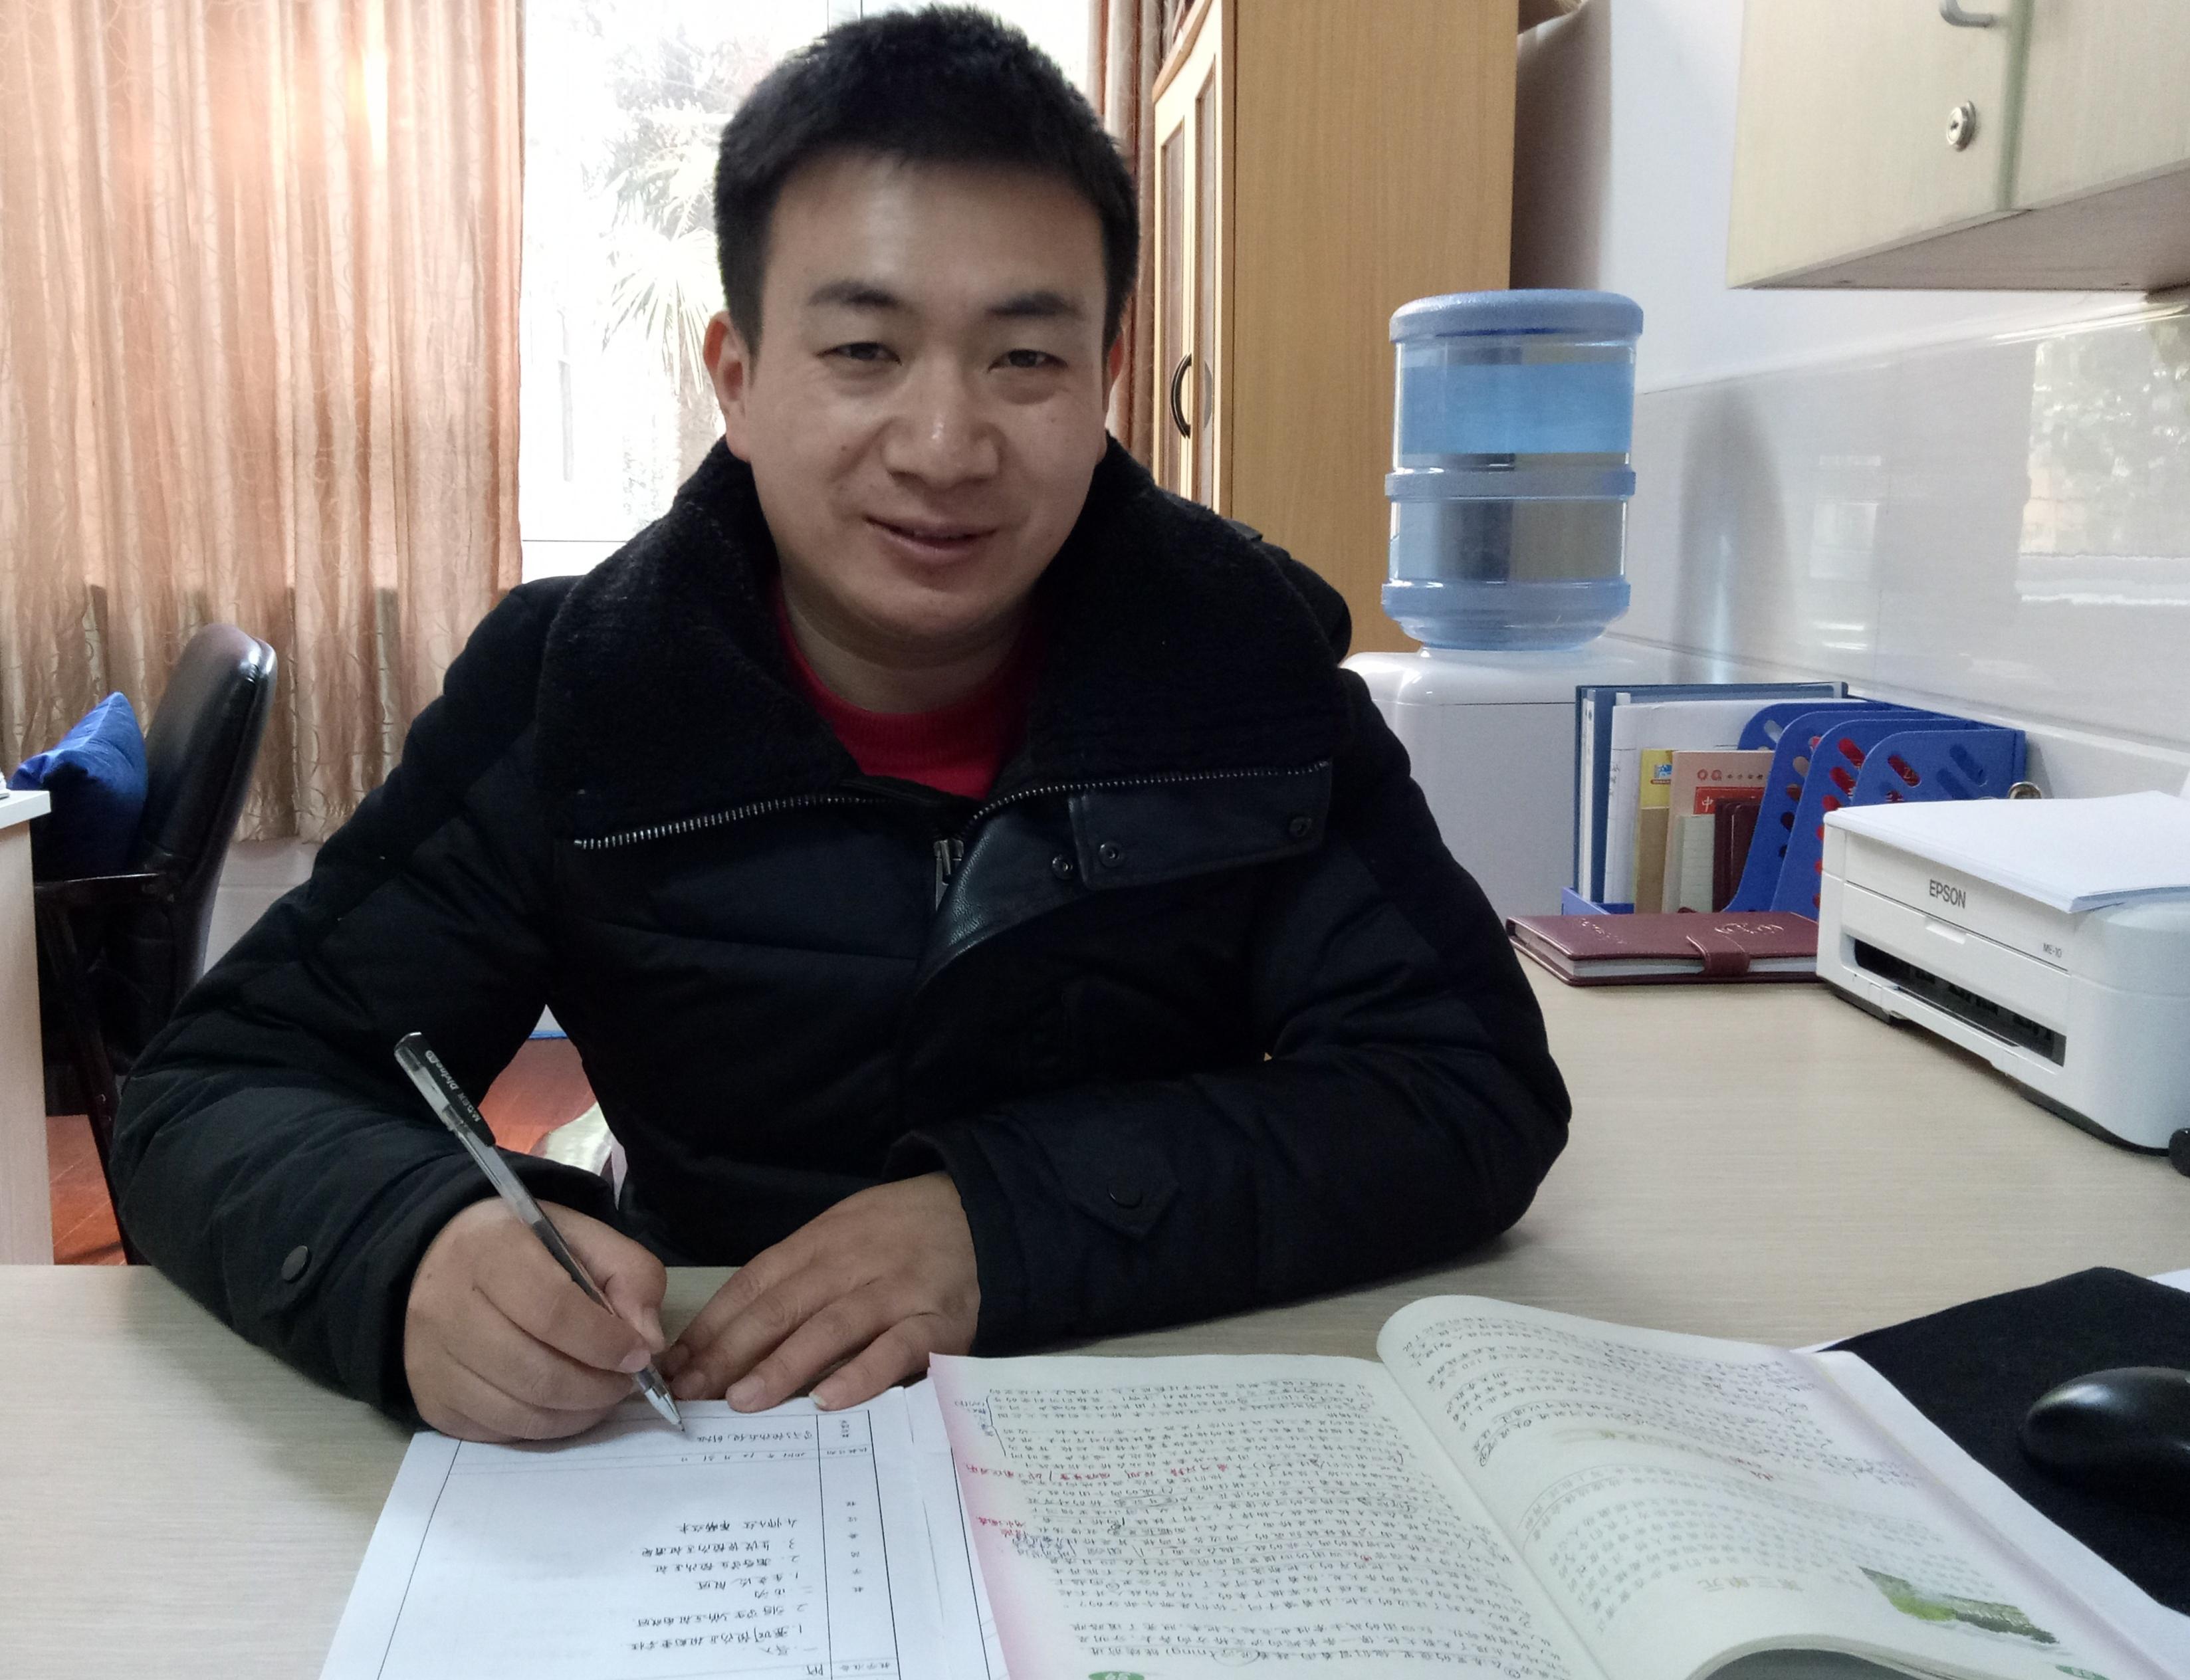 上海家教張老師